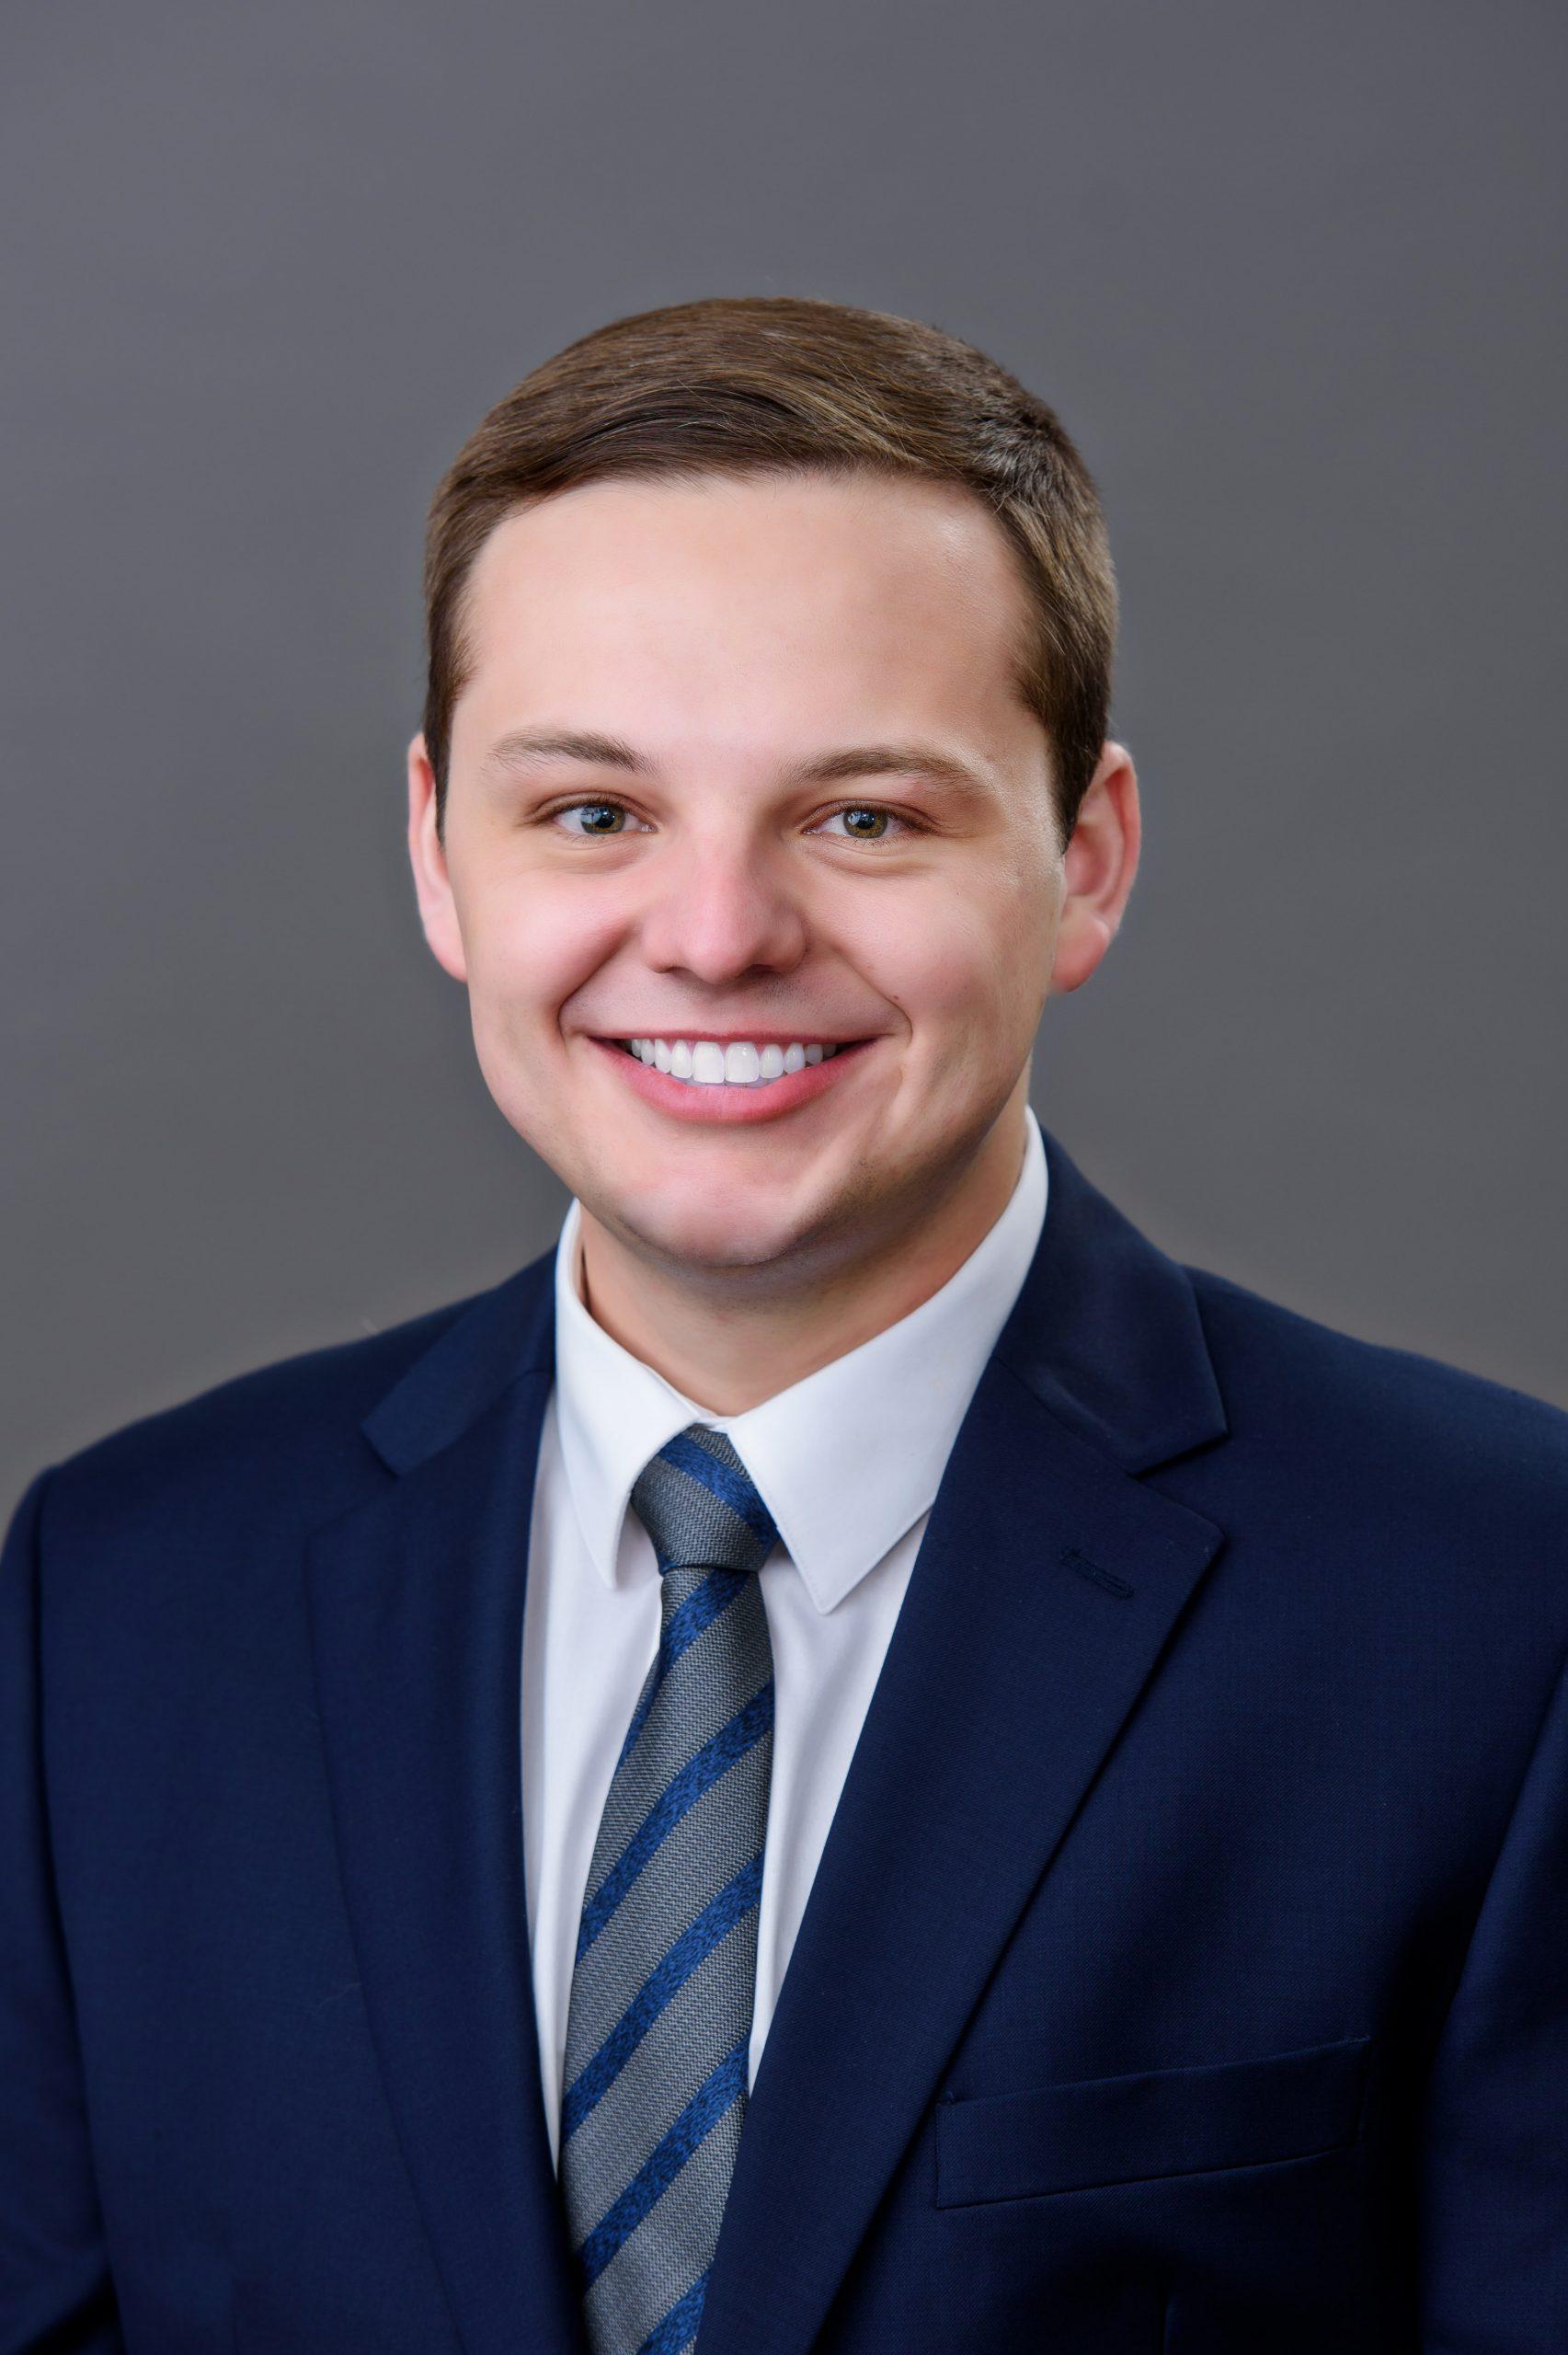 Attorney Blake L. Weiman